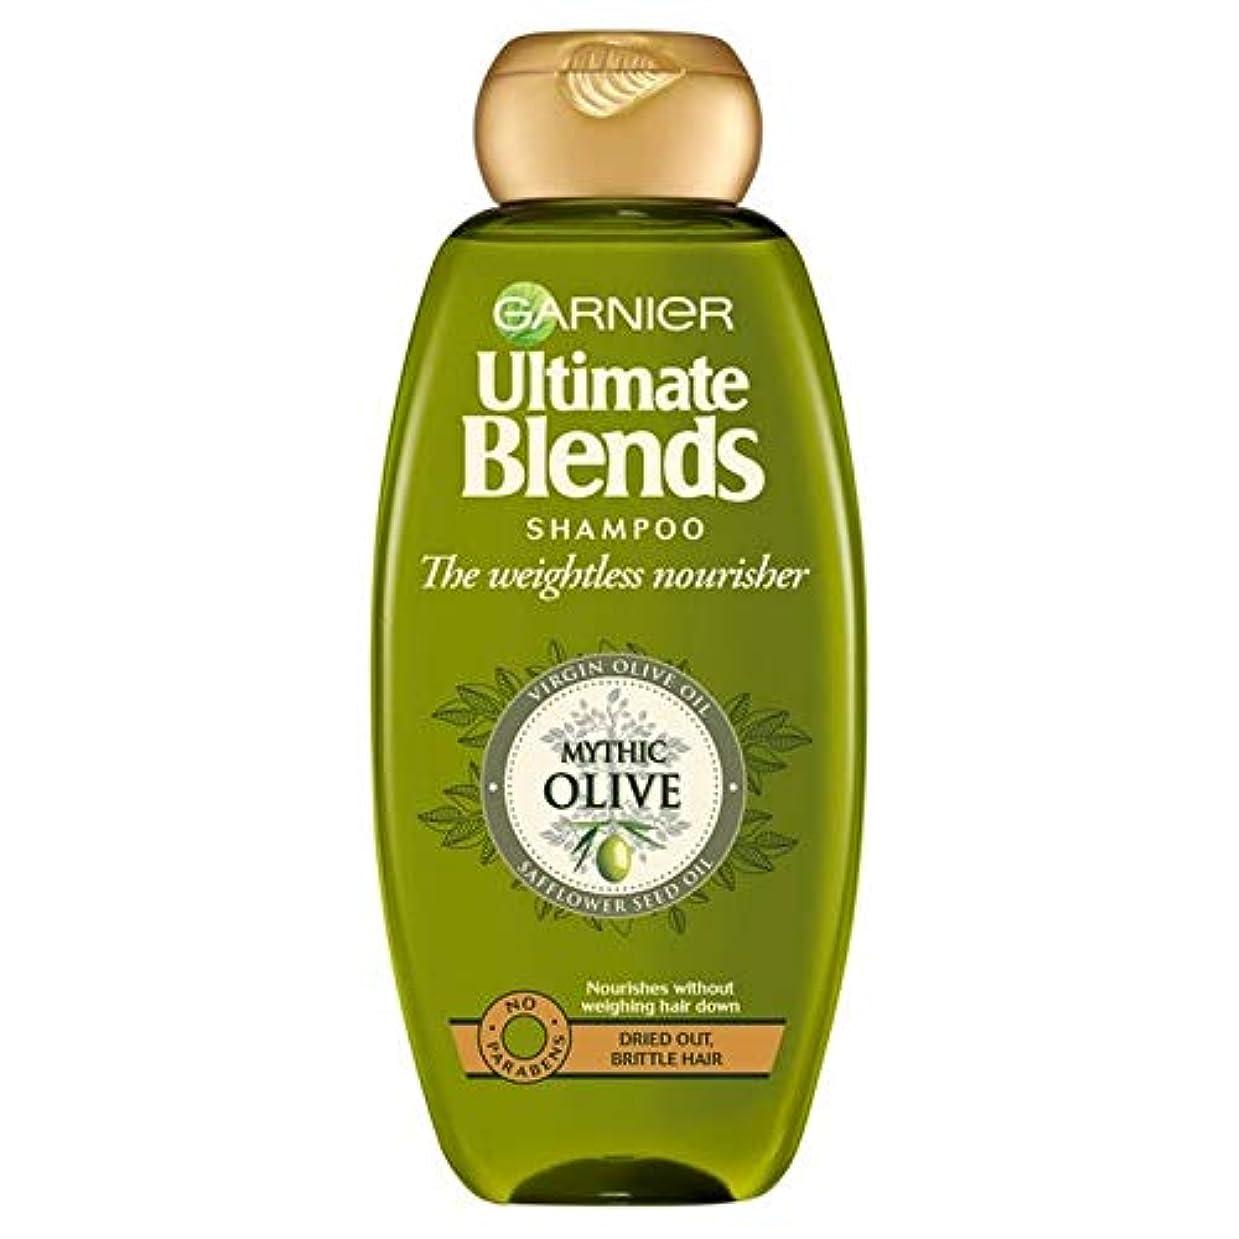 ムスタチオ債権者一口[Garnier ] ガルニエ究極のオリーブオイルドライヘアシャンプー360ミリリットルをブレンド - Garnier Ultimate Blends Olive Oil Dry Hair Shampoo 360ml [並行輸入品]